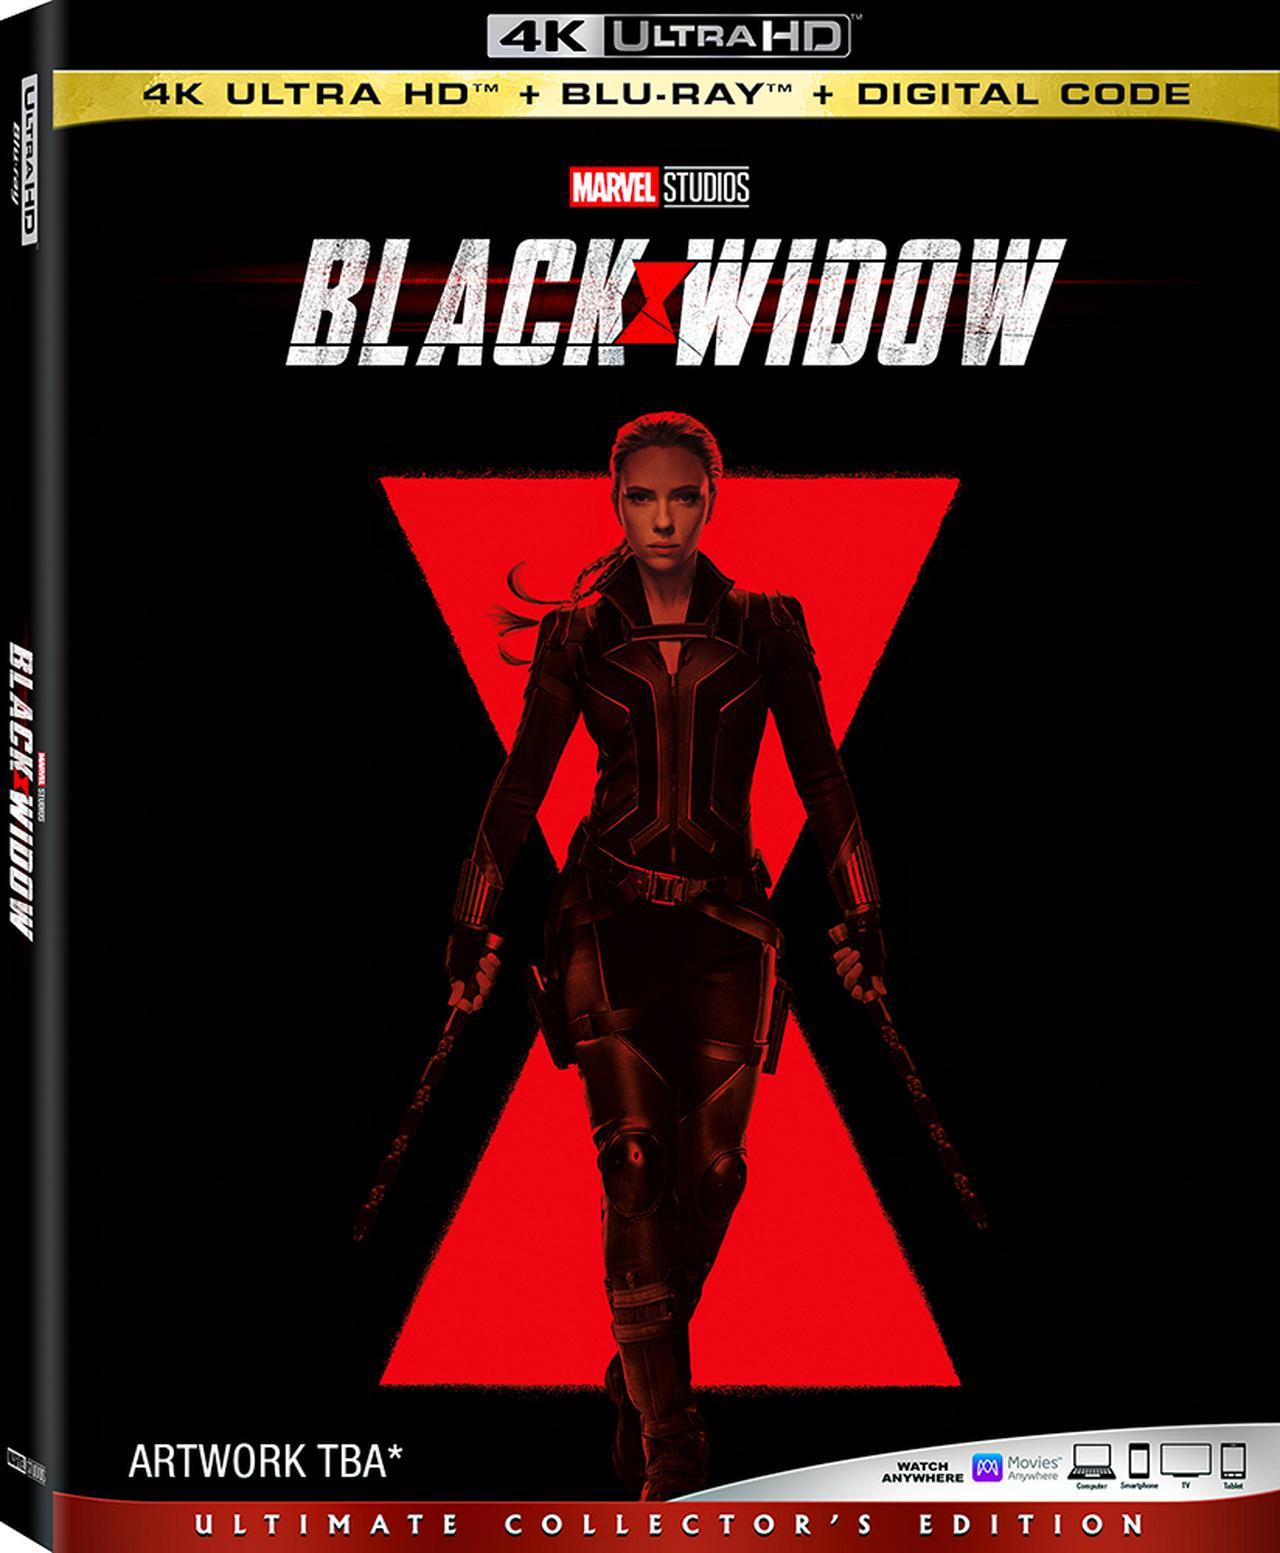 画像: S・ヨハンソン主演MCU最新作『ブラック・ウィドウ』【海外盤Blu-ray発売情報】